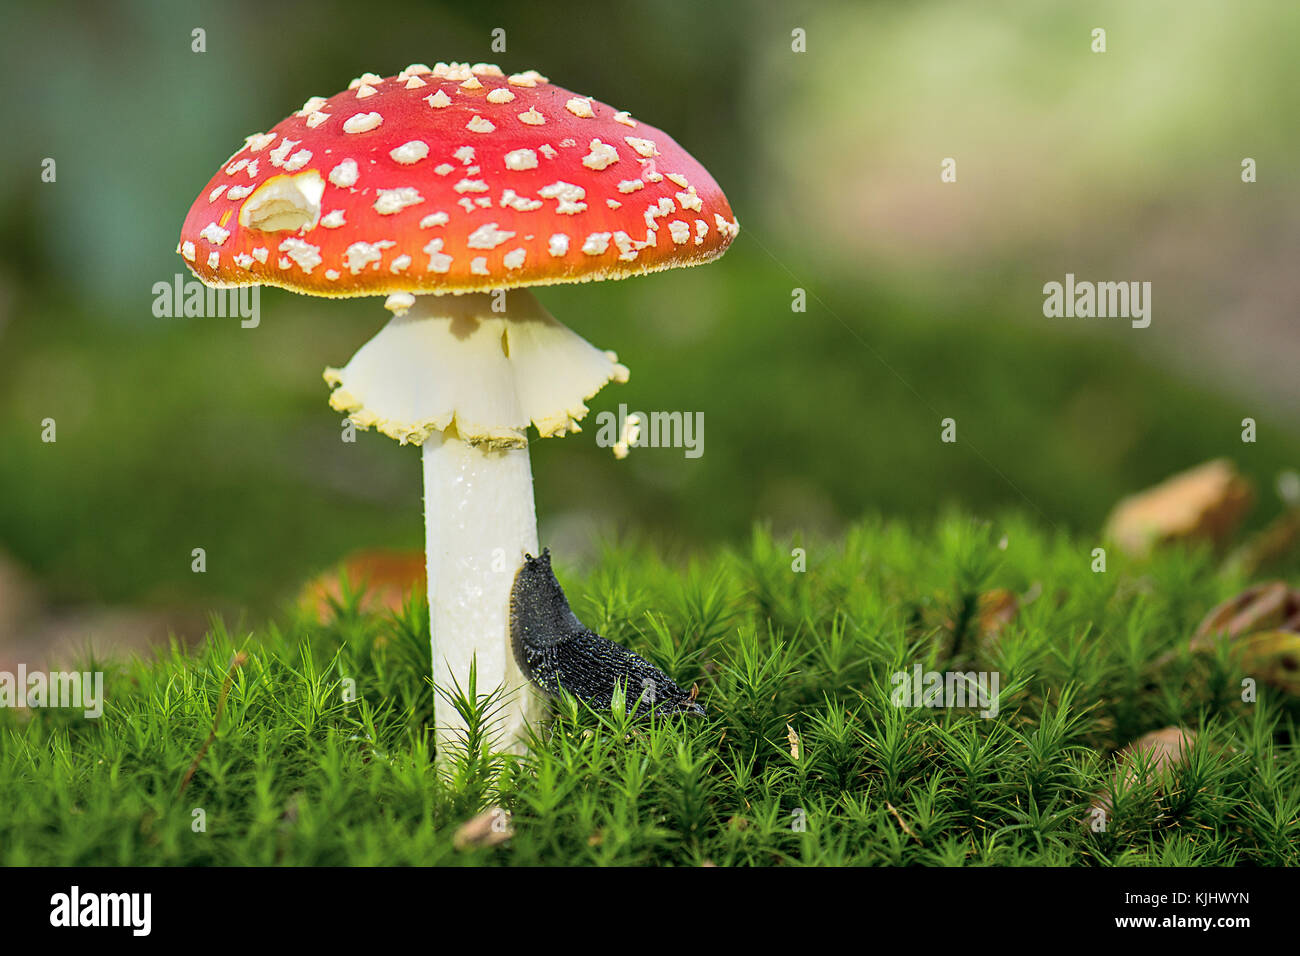 Slug crawling up a toadstool, Ihlow, Lower Saxony, Germany Stock Photo